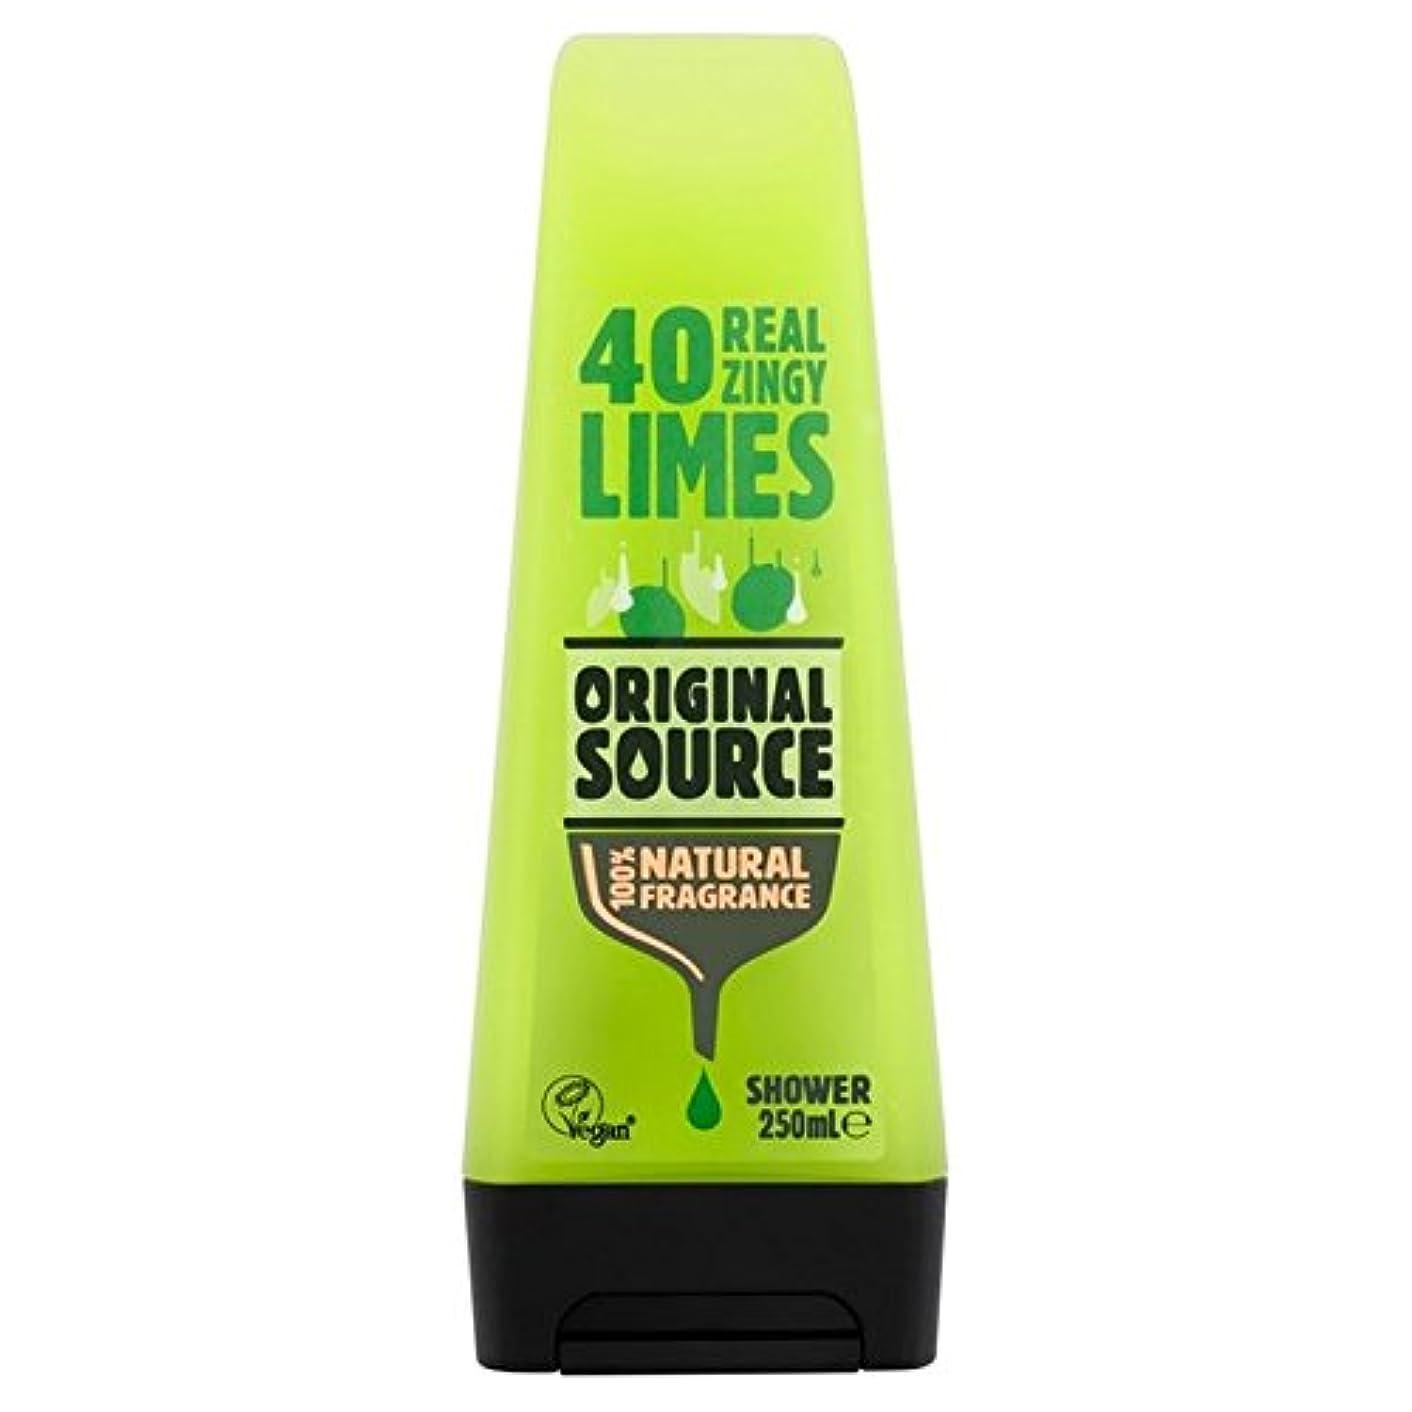 受け皿ラオス人幻滅元のソースライムシャワージェル250ミリリットル x4 - Original Source Lime Shower Gel 250ml (Pack of 4) [並行輸入品]